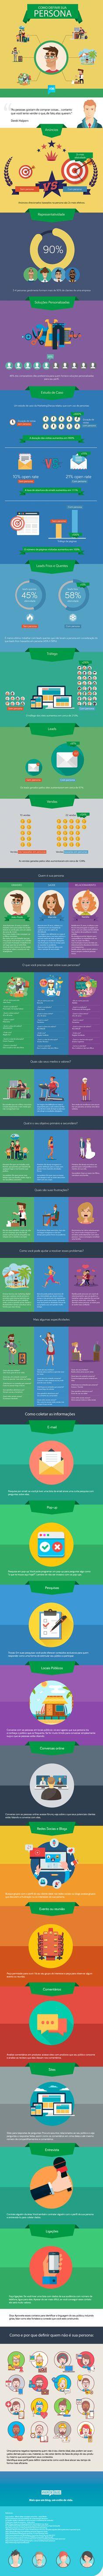 COMO DEFINIR SUA PERSONA - Mais um infográfico da baita equipe do viver de blog!